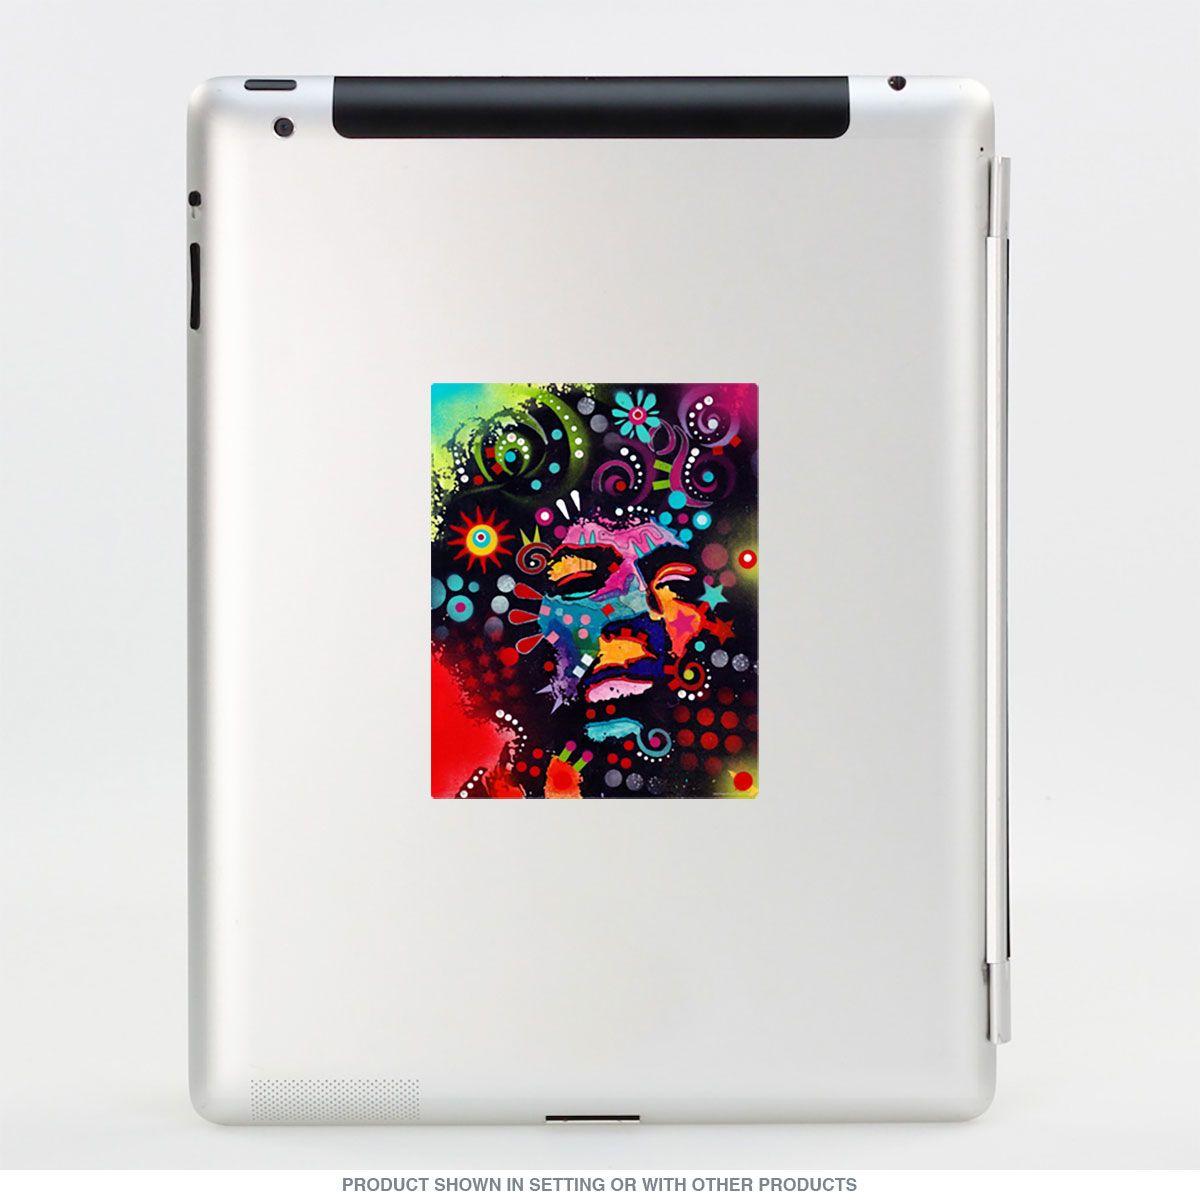 Jimi Hendrix Dean Russo Pop Art Vinyl Sticker Vinyl Stickers Laptop Vinyl Sticker Graffiti Style Art [ 1200 x 1200 Pixel ]